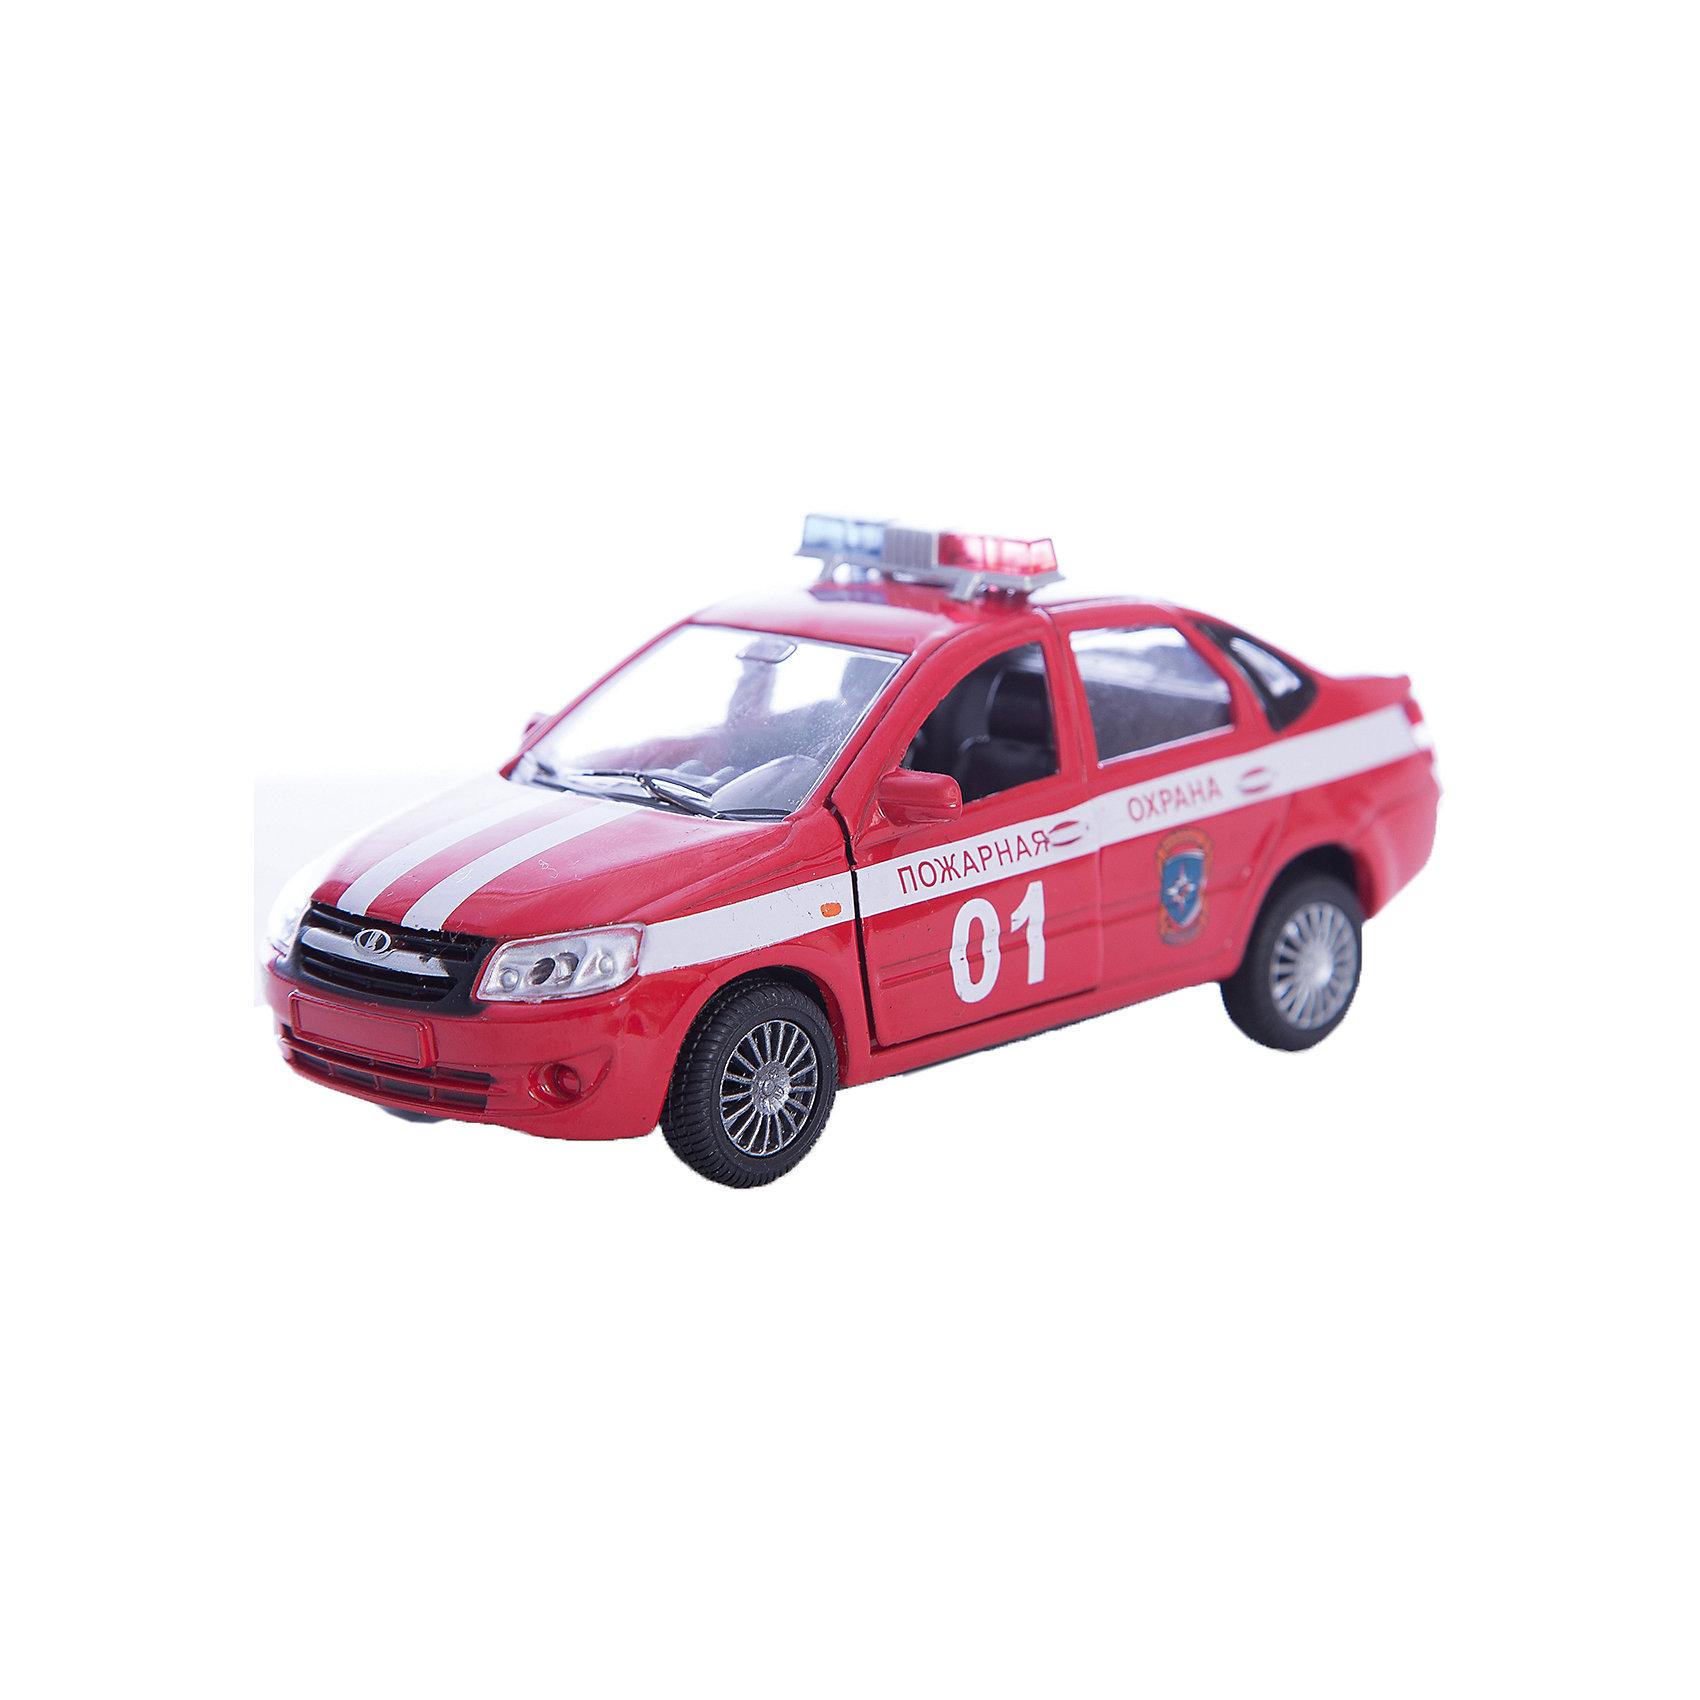 Машинка Lada Granta пожарная охрана 1:36, AutotimeМашинки<br>Характеристики товара:<br><br>• цвет: красный<br>• возраст: от 3 лет<br>• материал: металл, пластик<br>• размер: 16,5х7,х5,7 см<br>• вес: 100 г<br>• масштаб: 1:36<br>• колеса вращаются<br>• хорошая детализация<br>• открываются двери<br>• страна бренда: Россия<br>• страна производства: Китай<br><br>Коллекционная машинка LADA GRANTA пожарная охрана от бренда AUTOTIME станет отличным подарком для мальчика. Подробная детализация машинки порадует увлеченного коллекционера, а открывающиеся двери и свободно вращающиеся колеса придутся по душе юному владельцу игрушечного гаража. Эта игрушка подарит восторг и радость вашему ребенку. <br><br>Игрушка также воздействует на наглядно-образное мышление, логическое мышление, развивает мелкую моторику. Изделие выполнено из сертифицированных материалов, безопасных для детей.<br><br>Машинку «Lada Granta» пожарная охрана от бренда AUTOTIME можно купить в нашем интернет-магазине.<br><br>Ширина мм: 165<br>Глубина мм: 57<br>Высота мм: 75<br>Вес г: 13<br>Возраст от месяцев: 36<br>Возраст до месяцев: 2147483647<br>Пол: Мужской<br>Возраст: Детский<br>SKU: 5583887